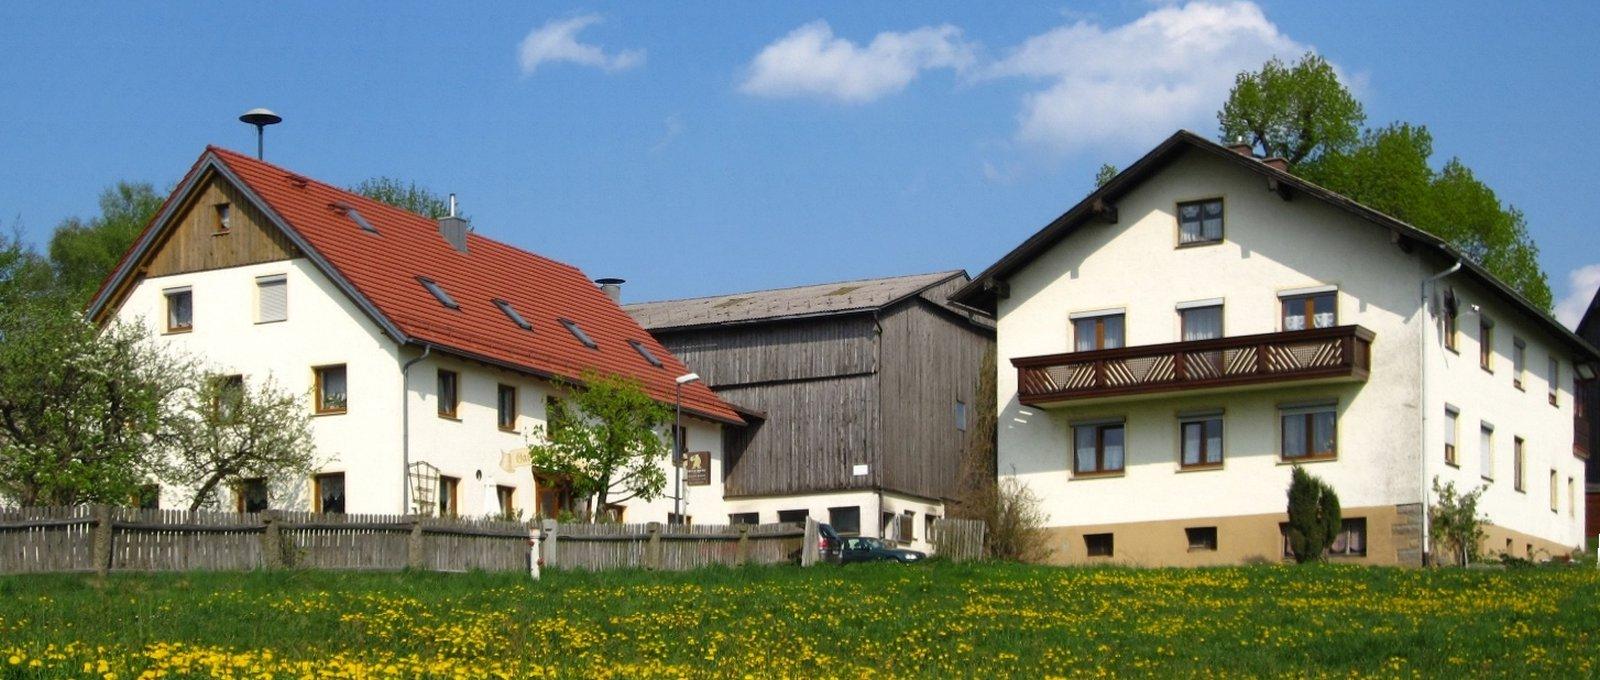 Bauernhof zur Linde Hoffelder Wirt – Kontakt